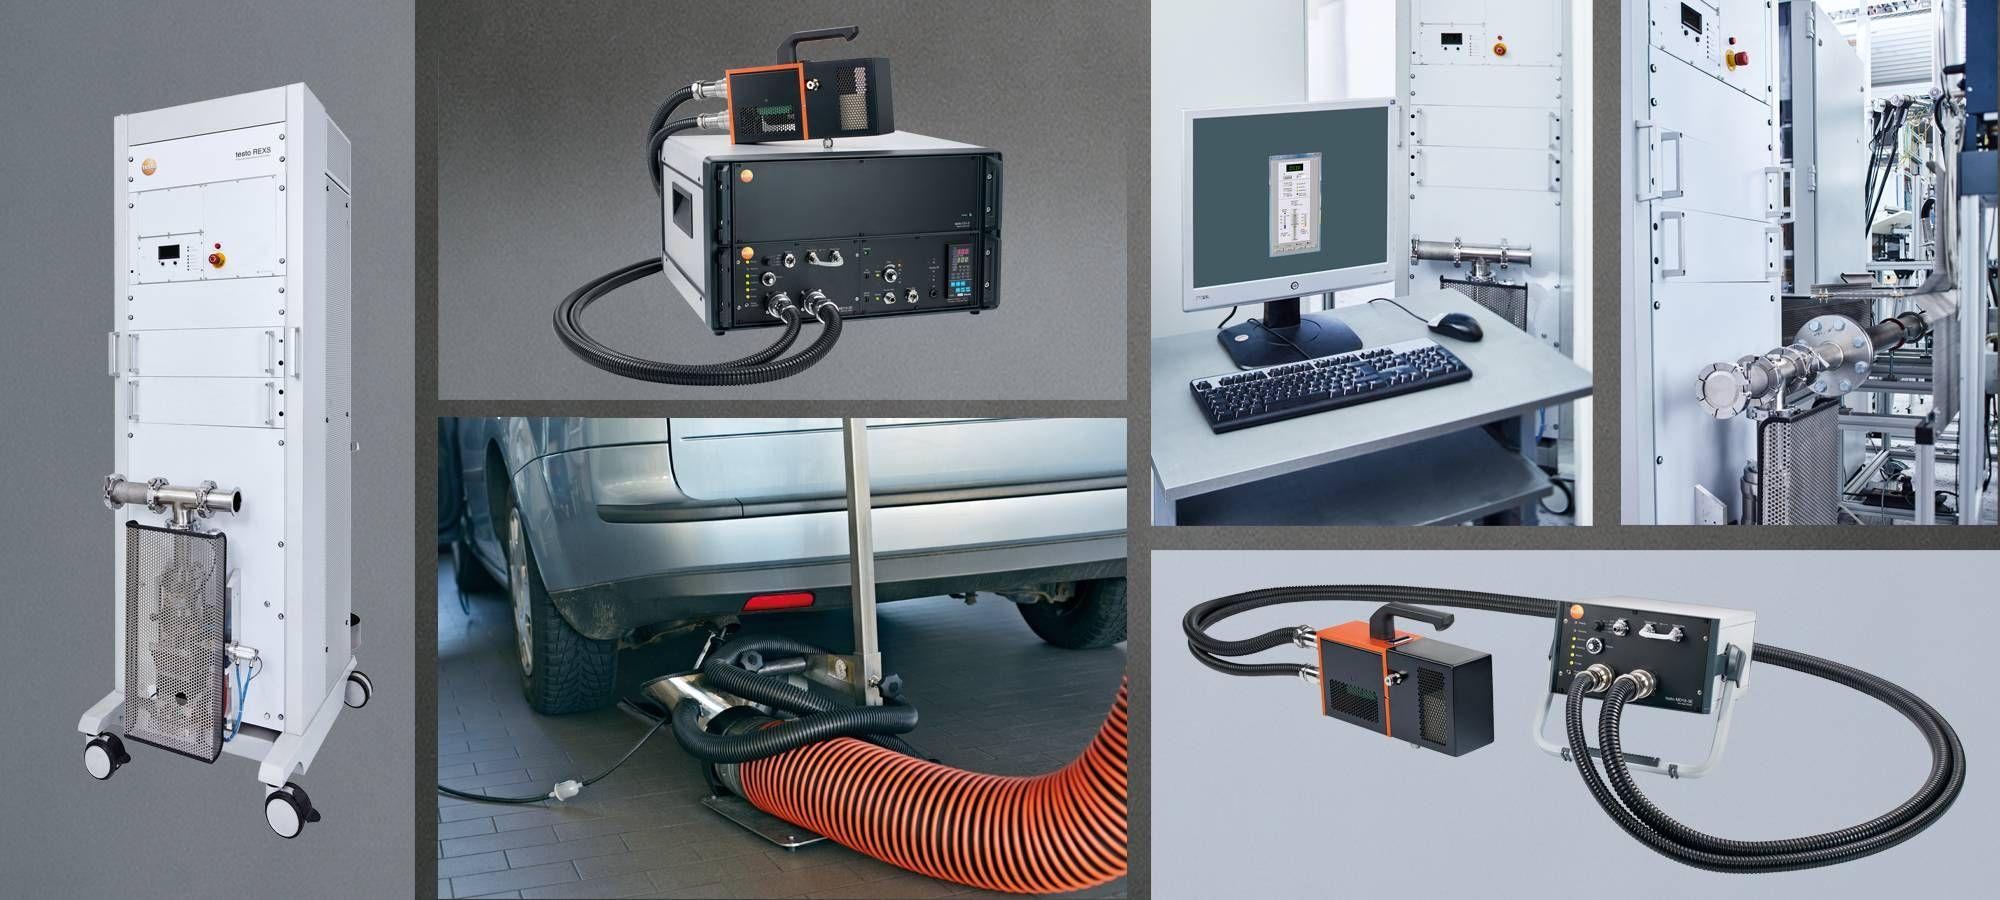 德图提供PMP系统升级方案